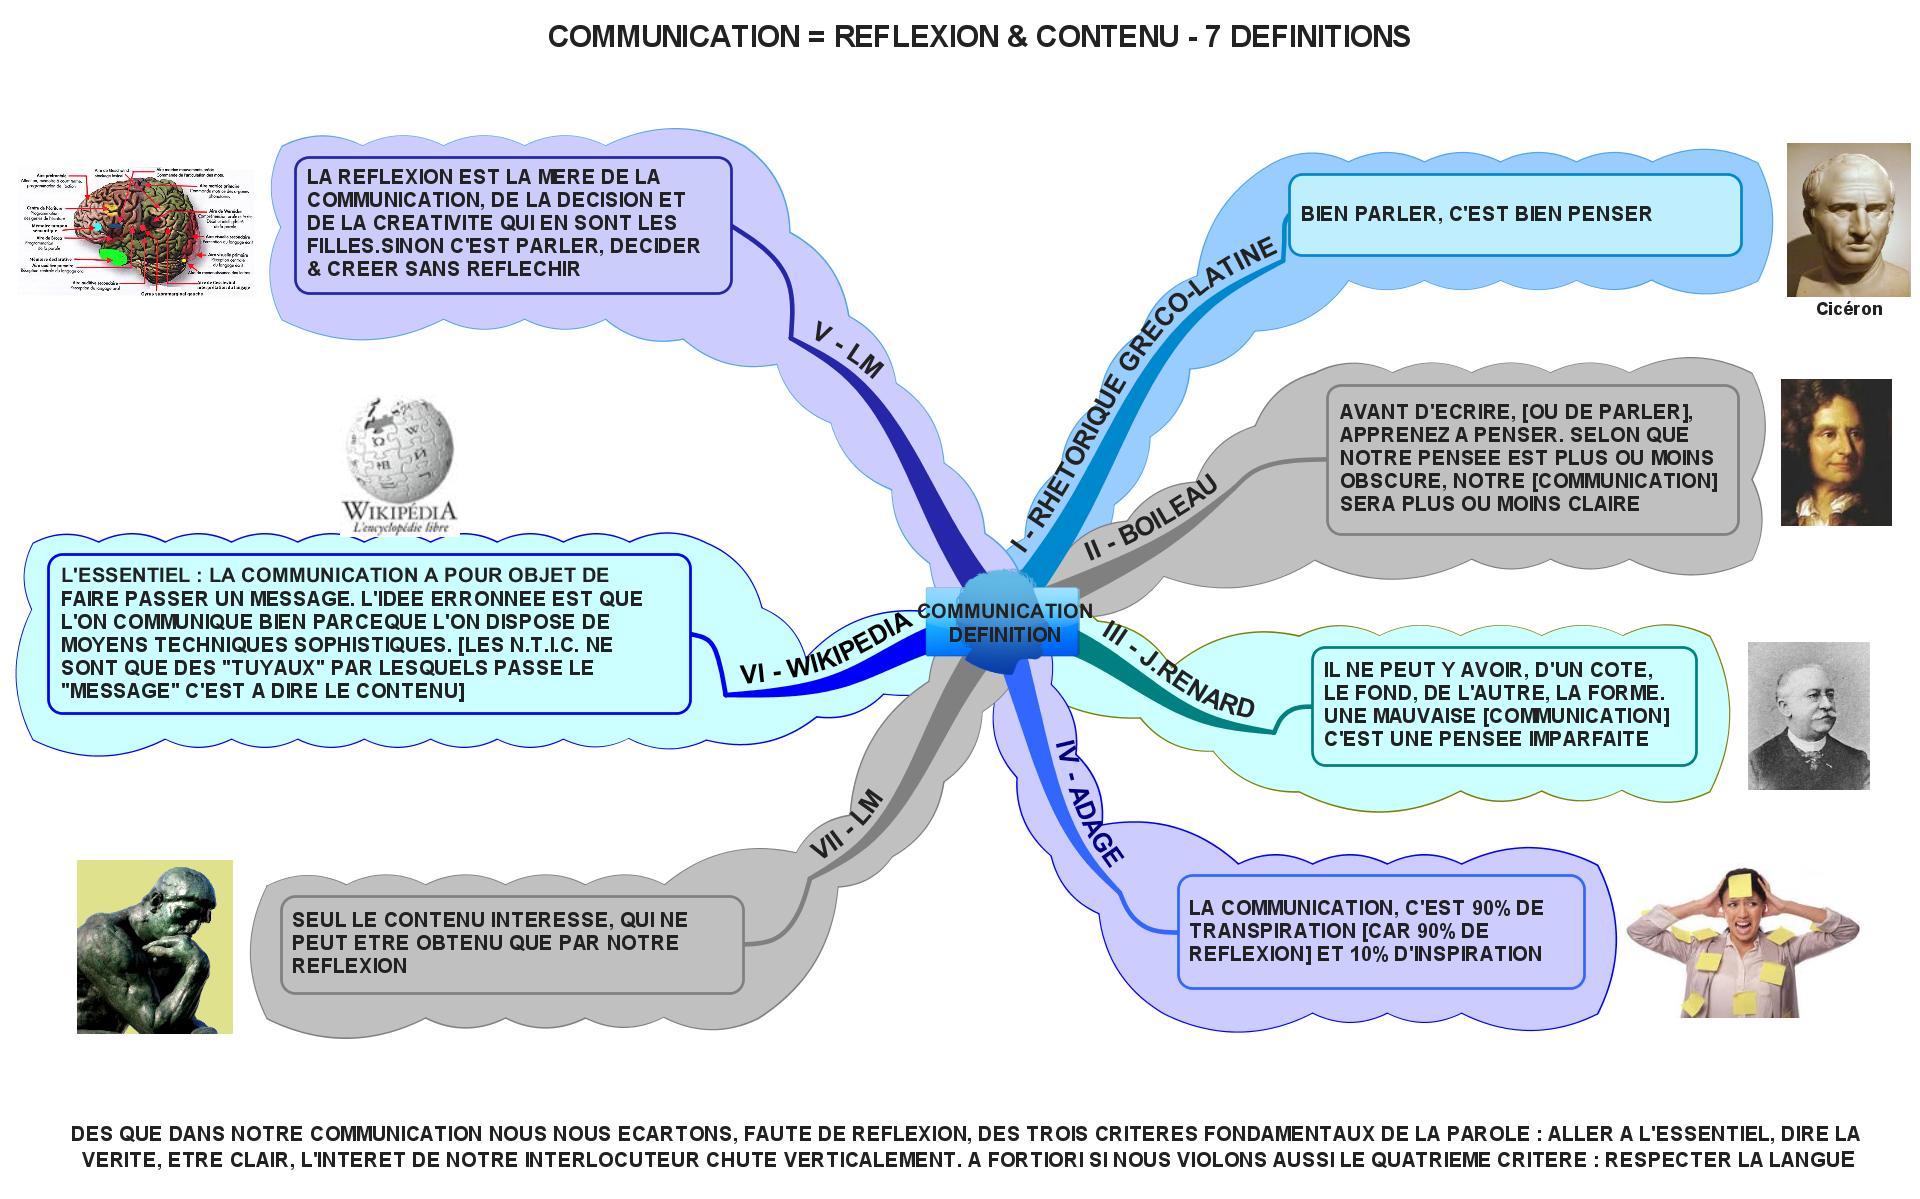 communication r233flexion contenu 7 d233finitions que l